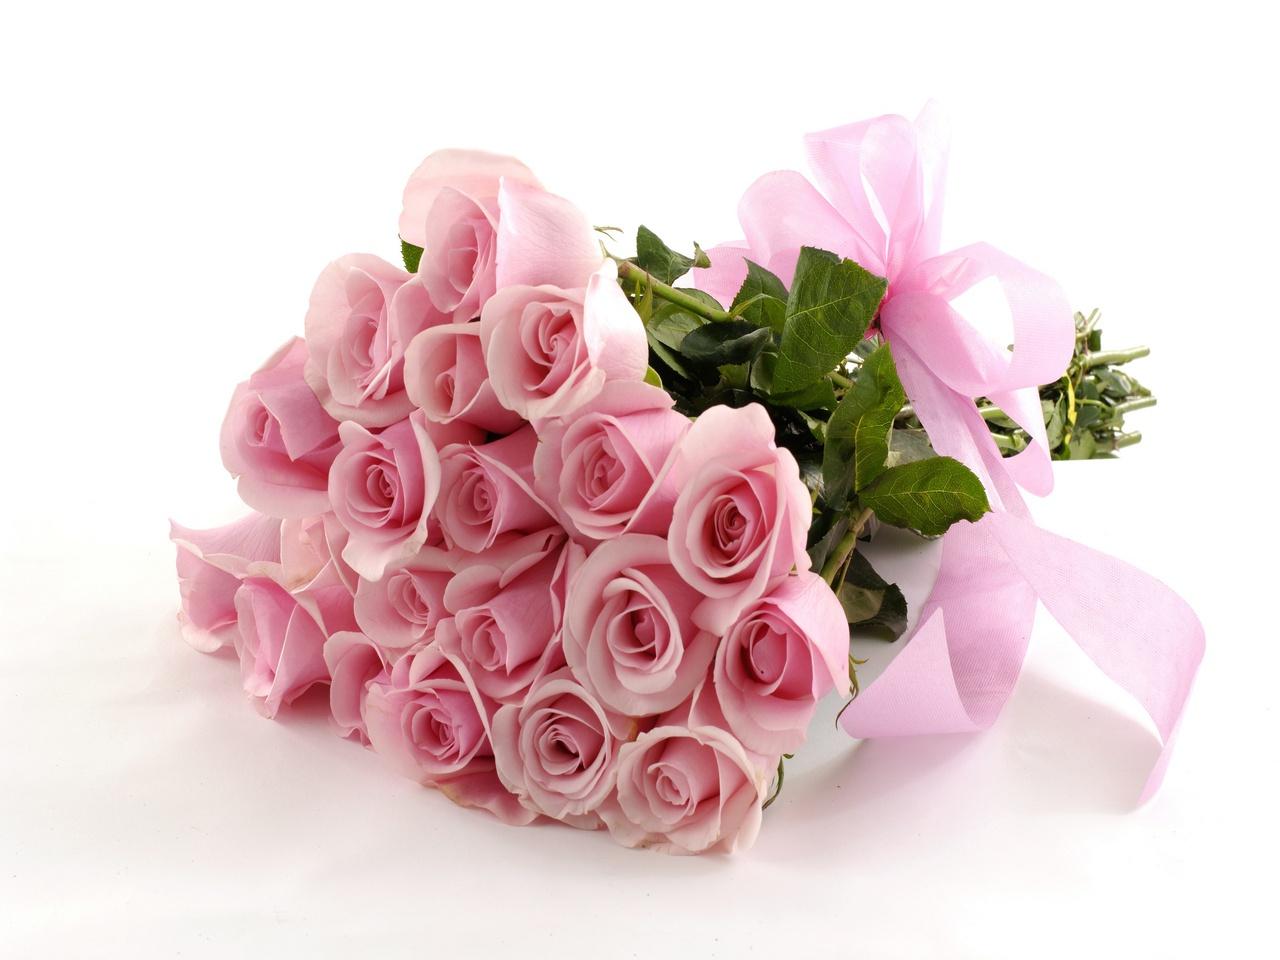 http://www.florist.kg/uploads/03-03-14/238861-svetik.jpg